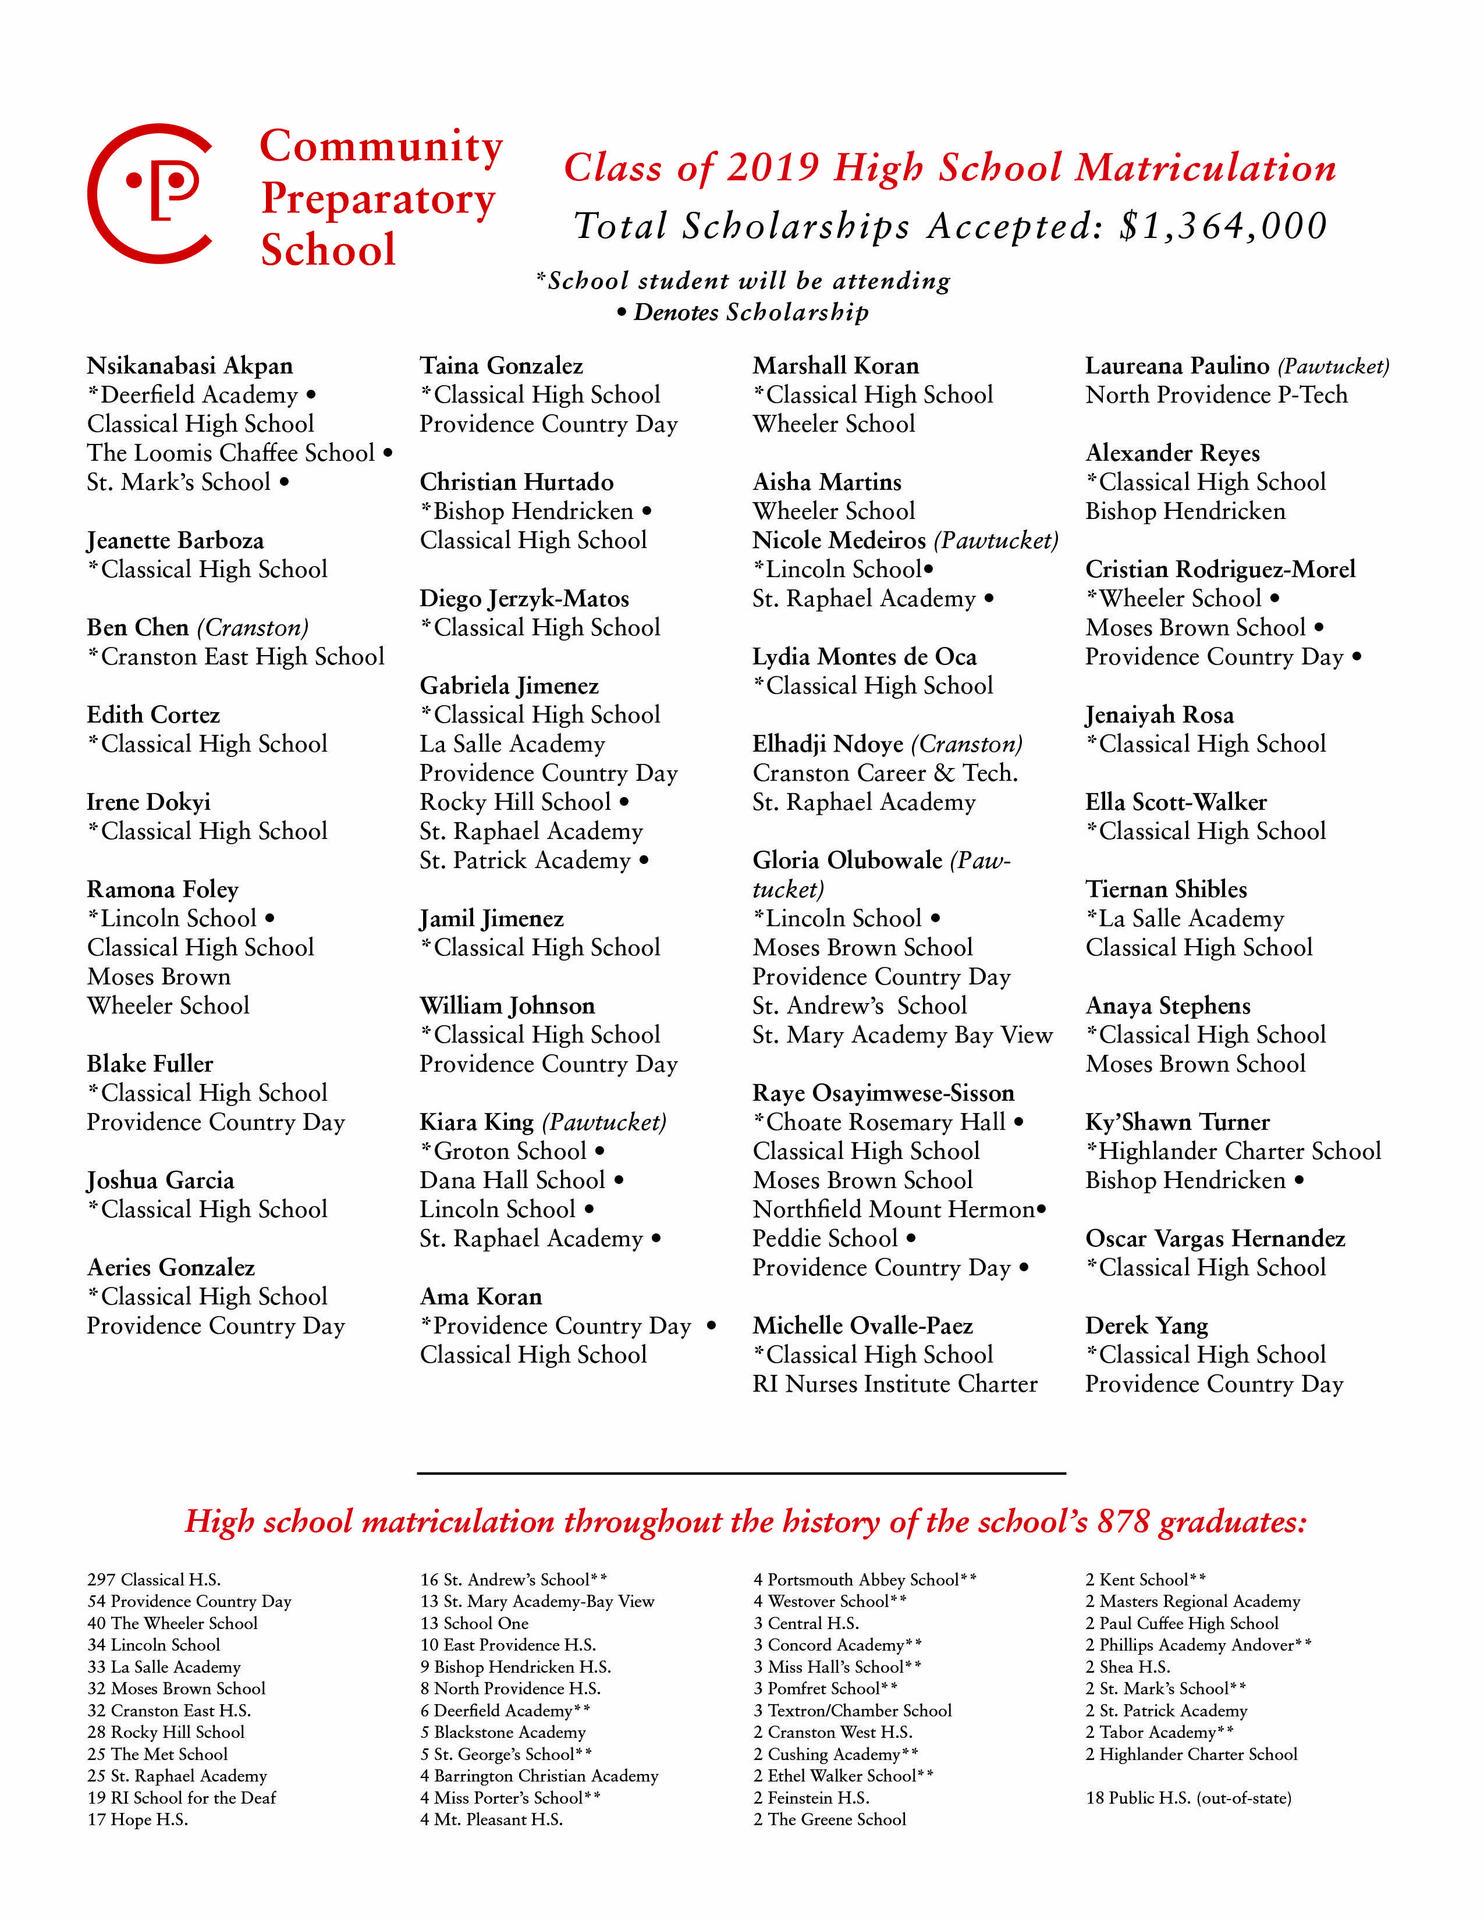 class of 2019 high school matriculation list